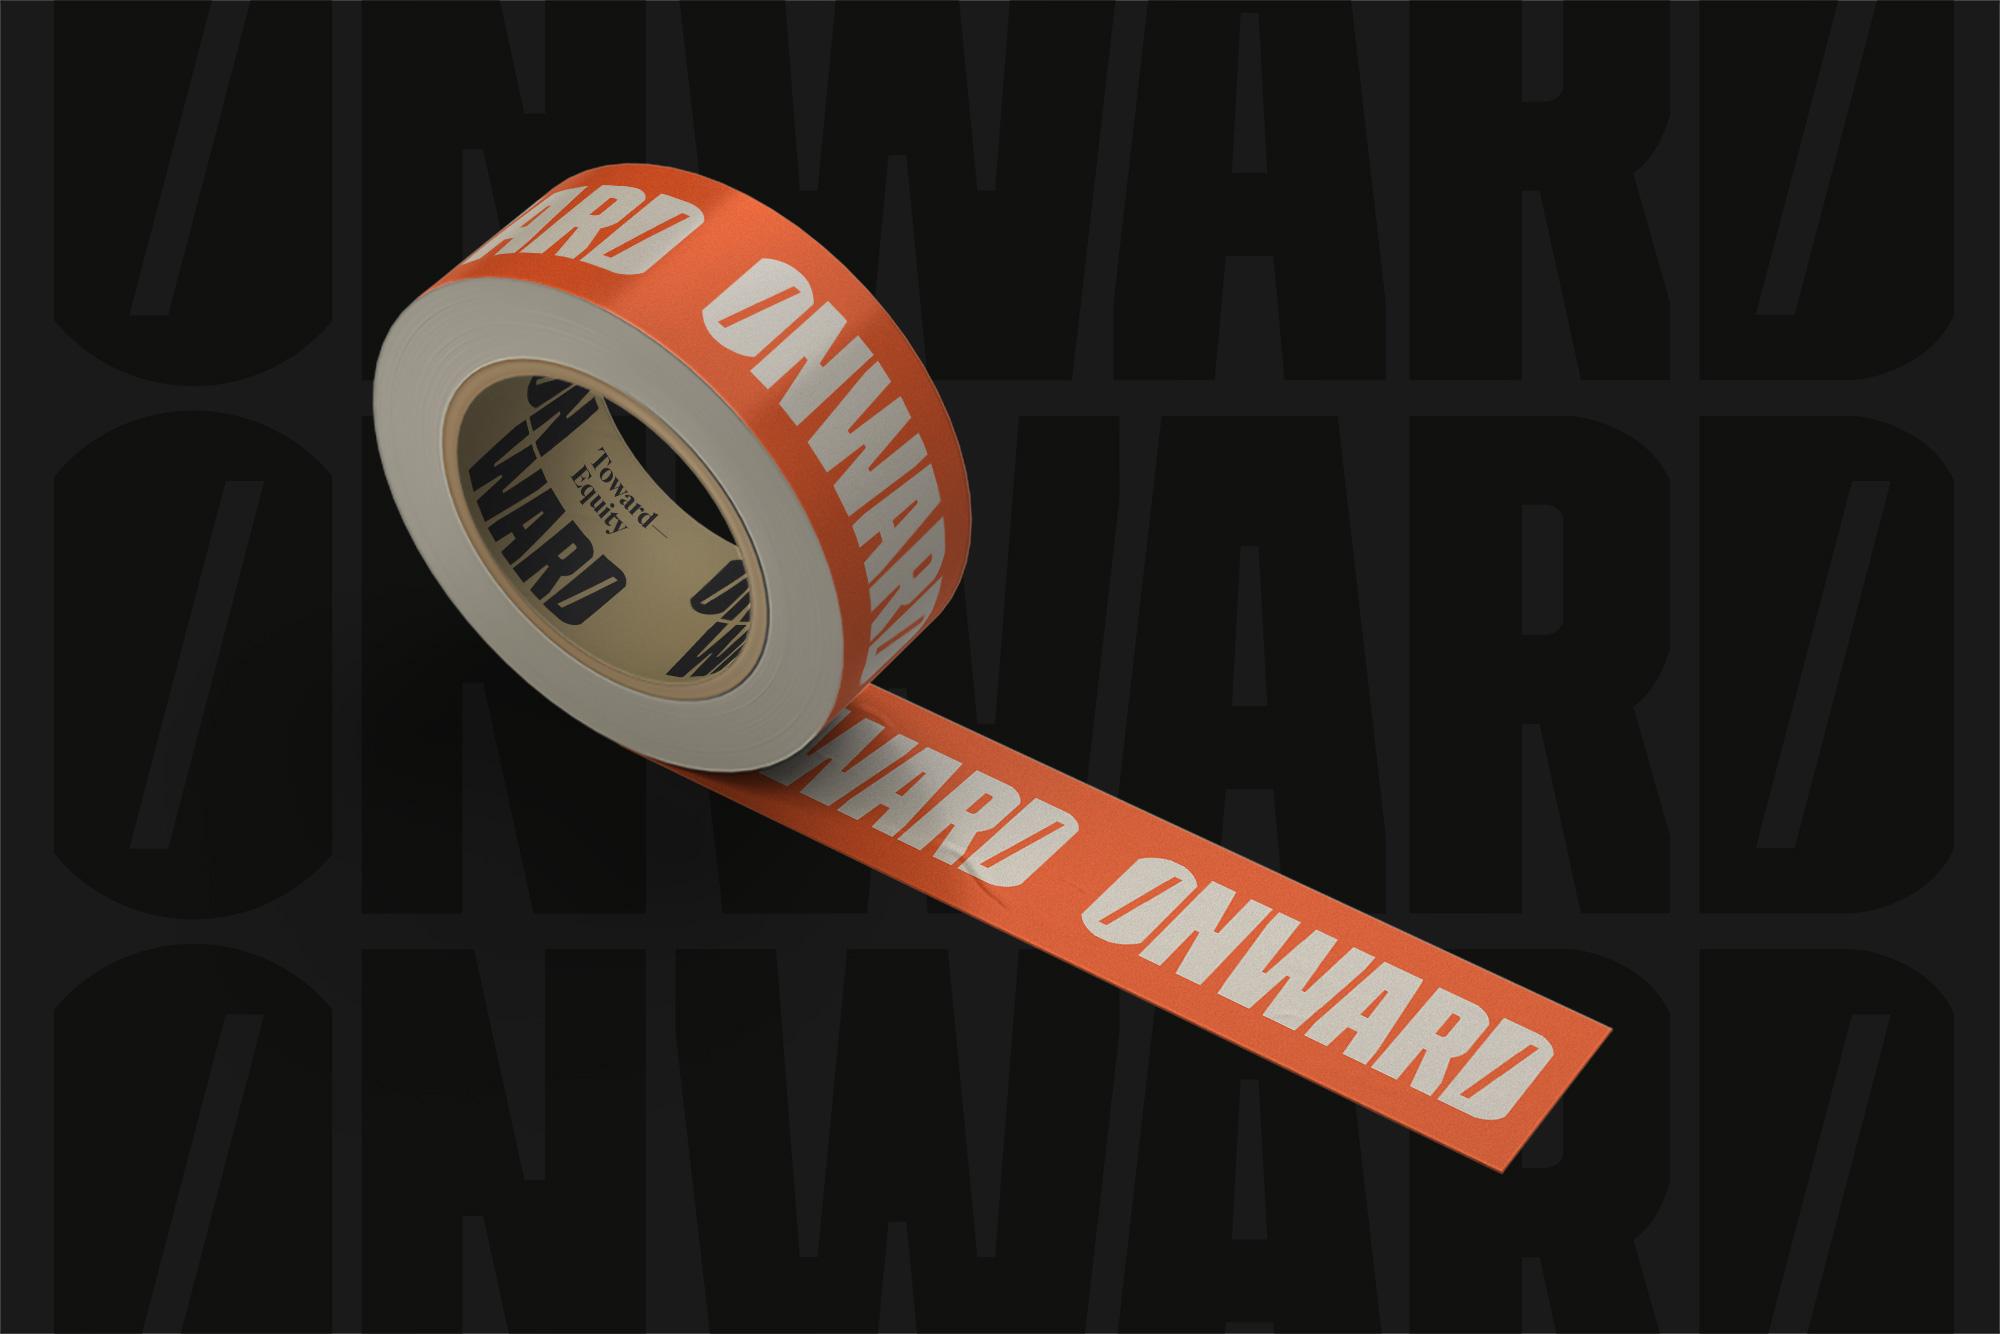 咨询公司Onward品牌形象设计